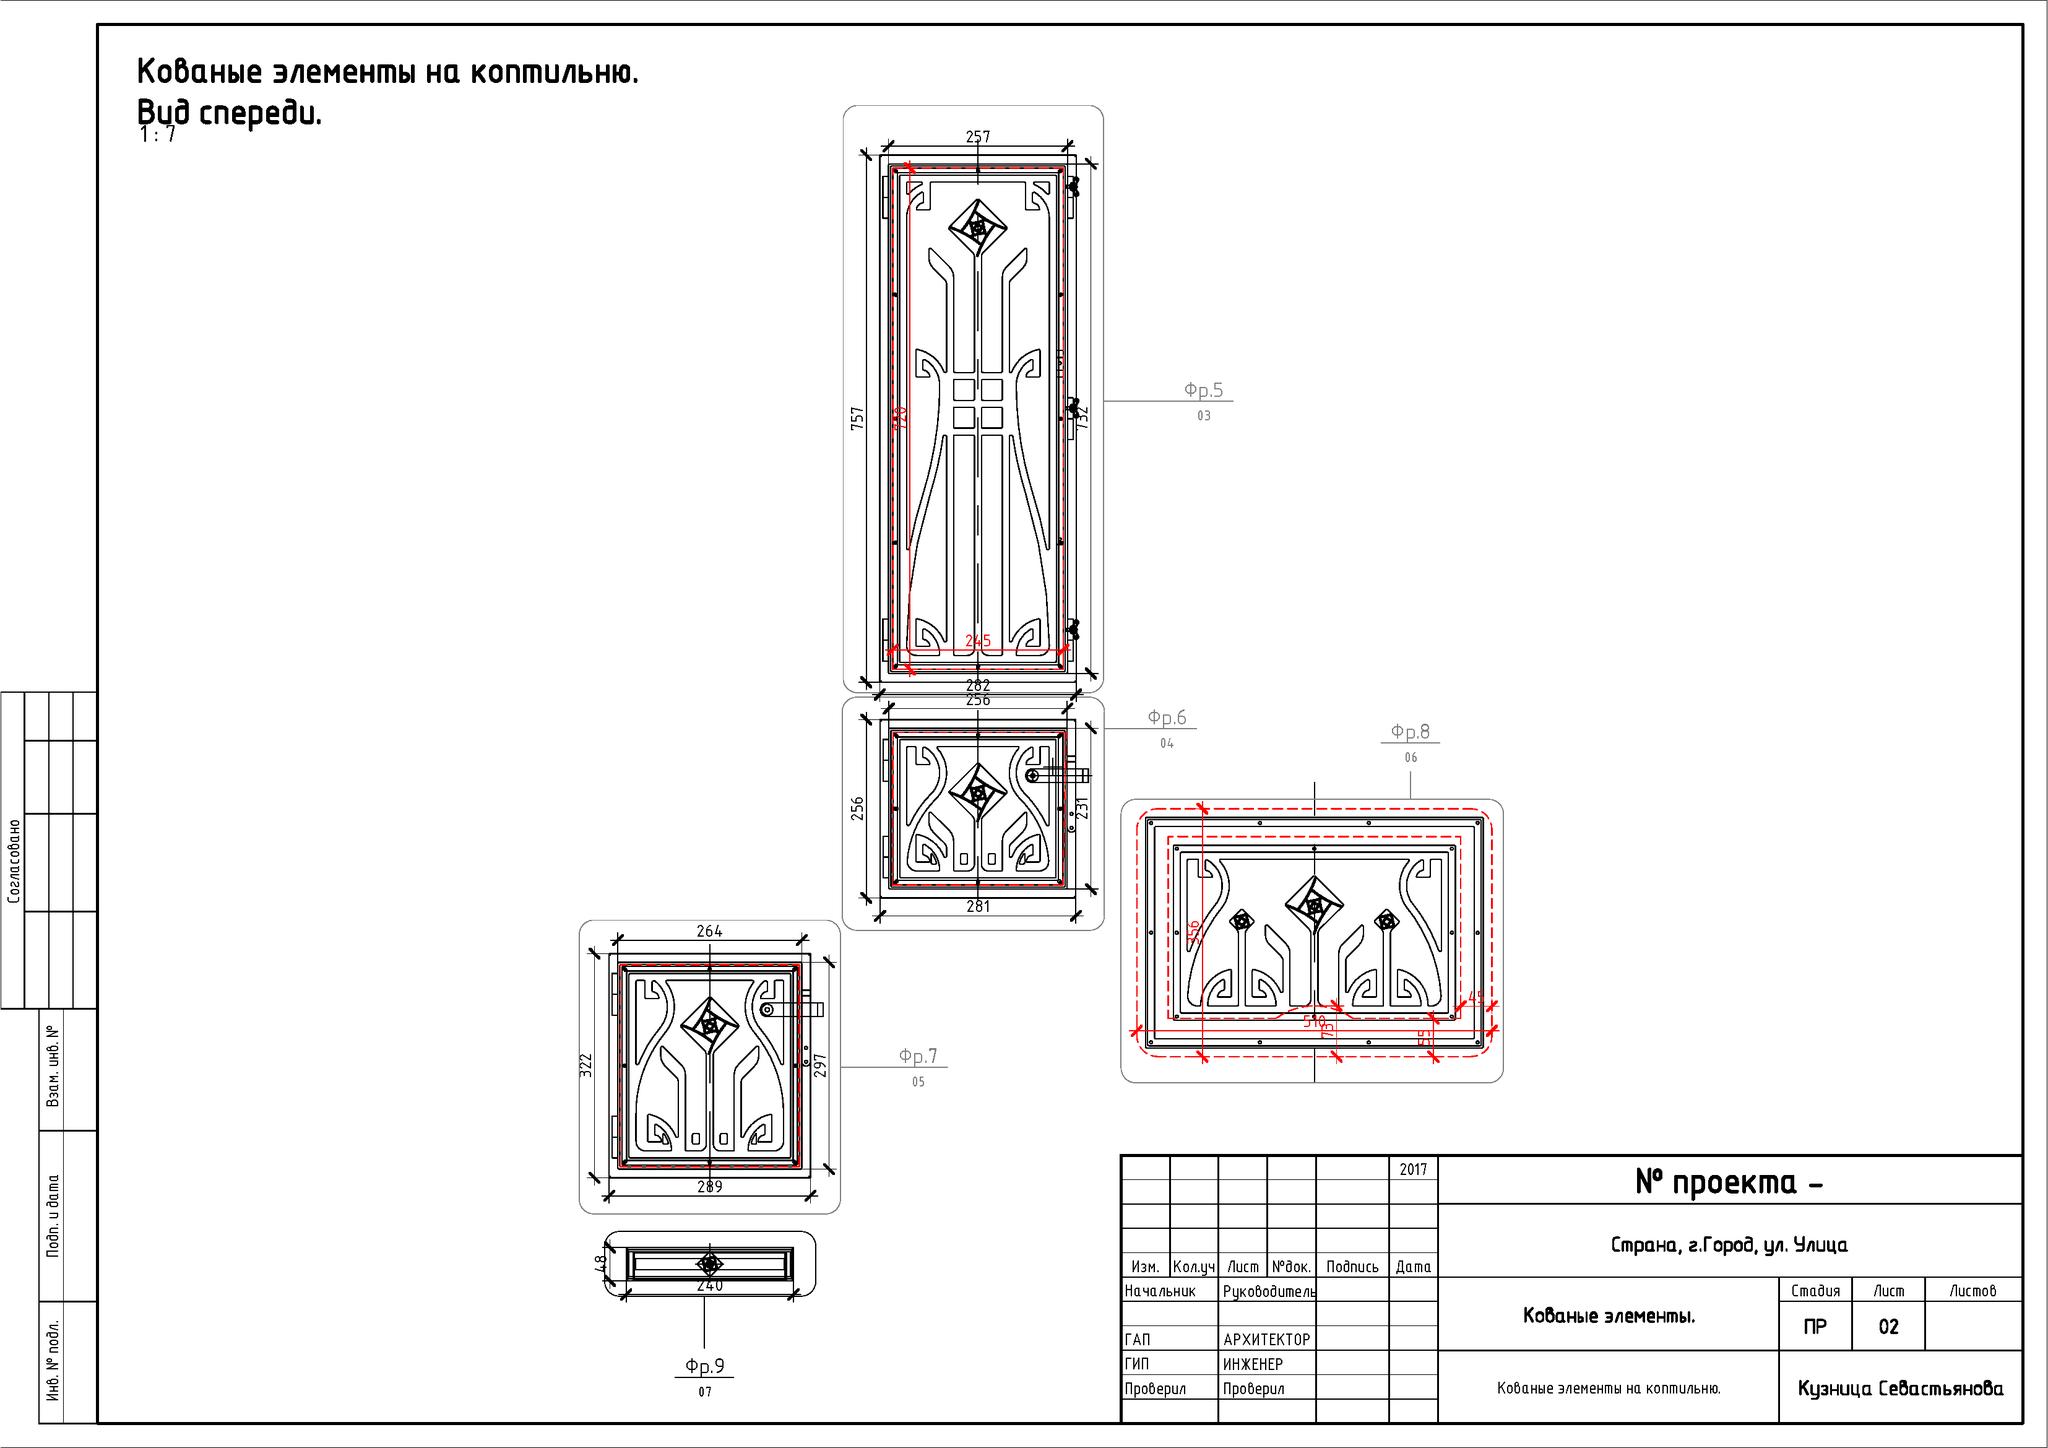 Дверцы для печи. Дизайн.